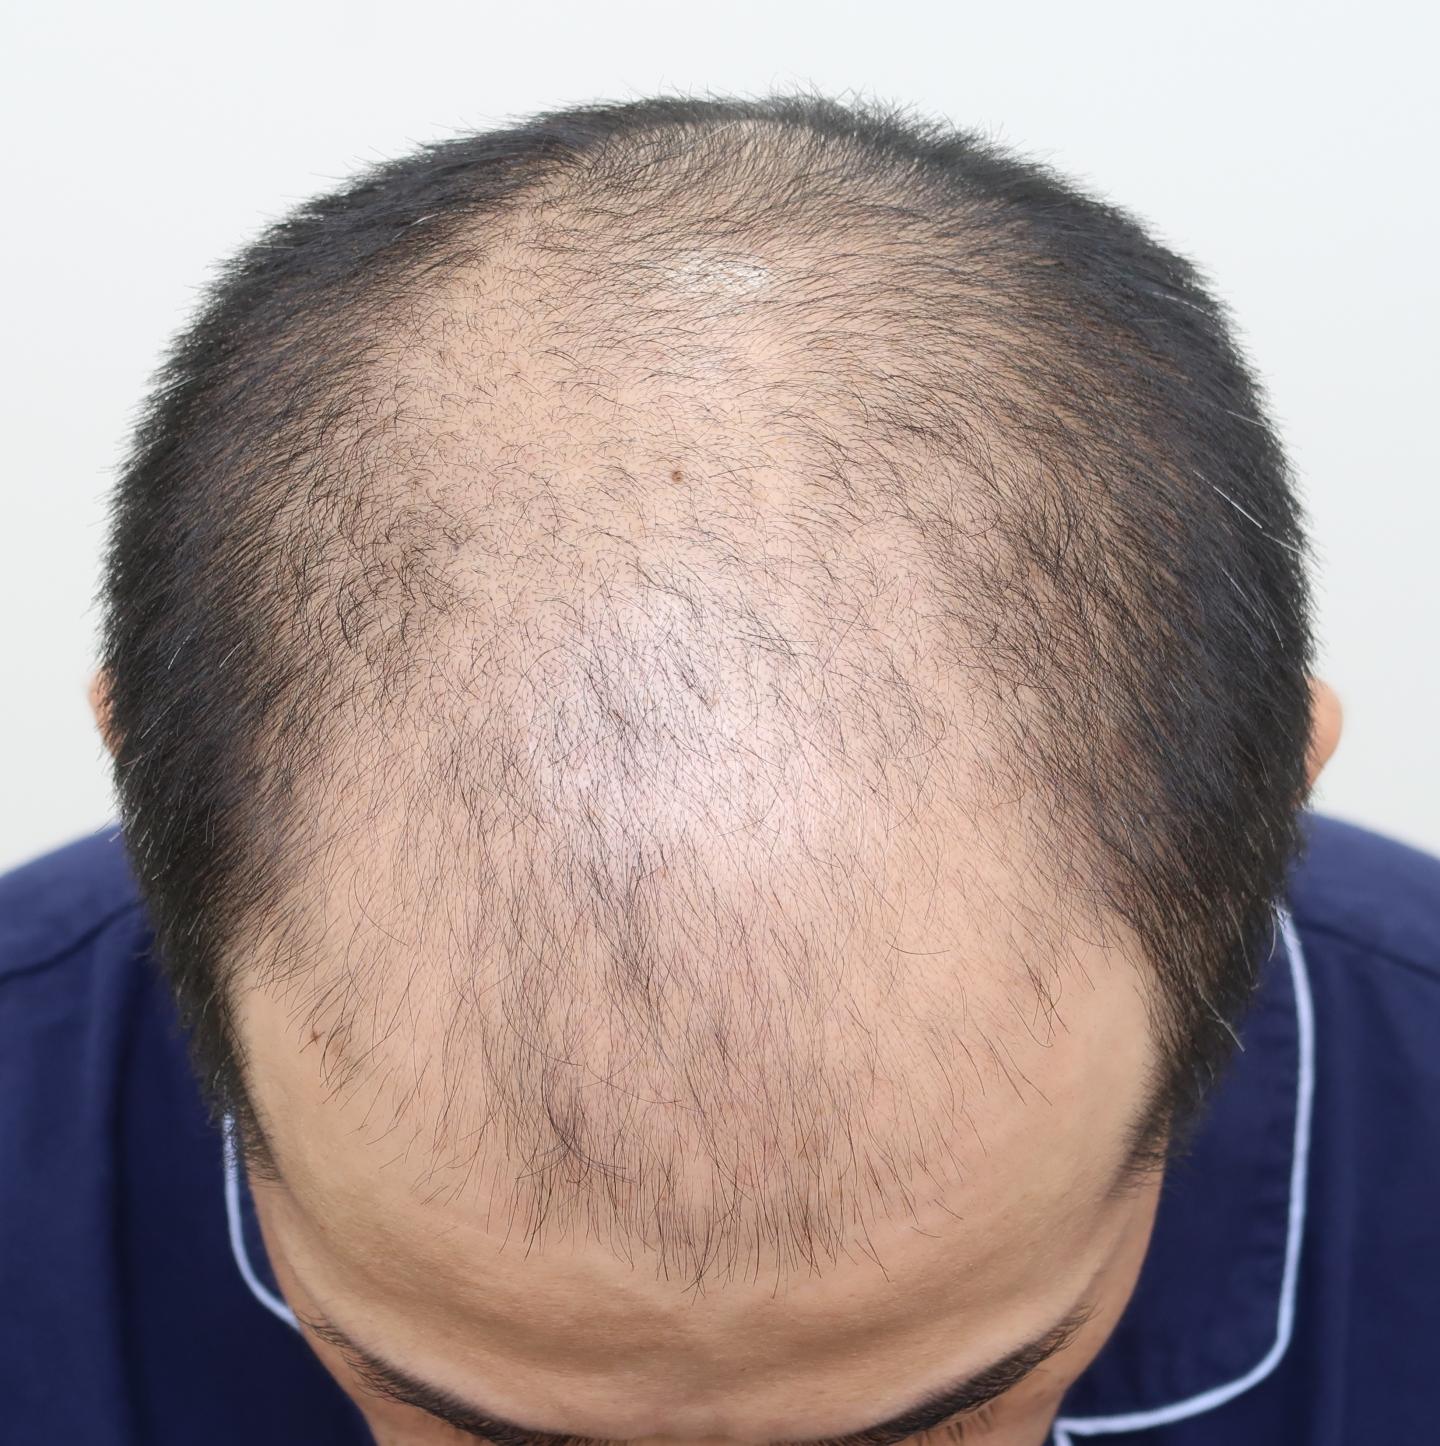 巨量植髮手術前(FUE植髮手術)頂部3